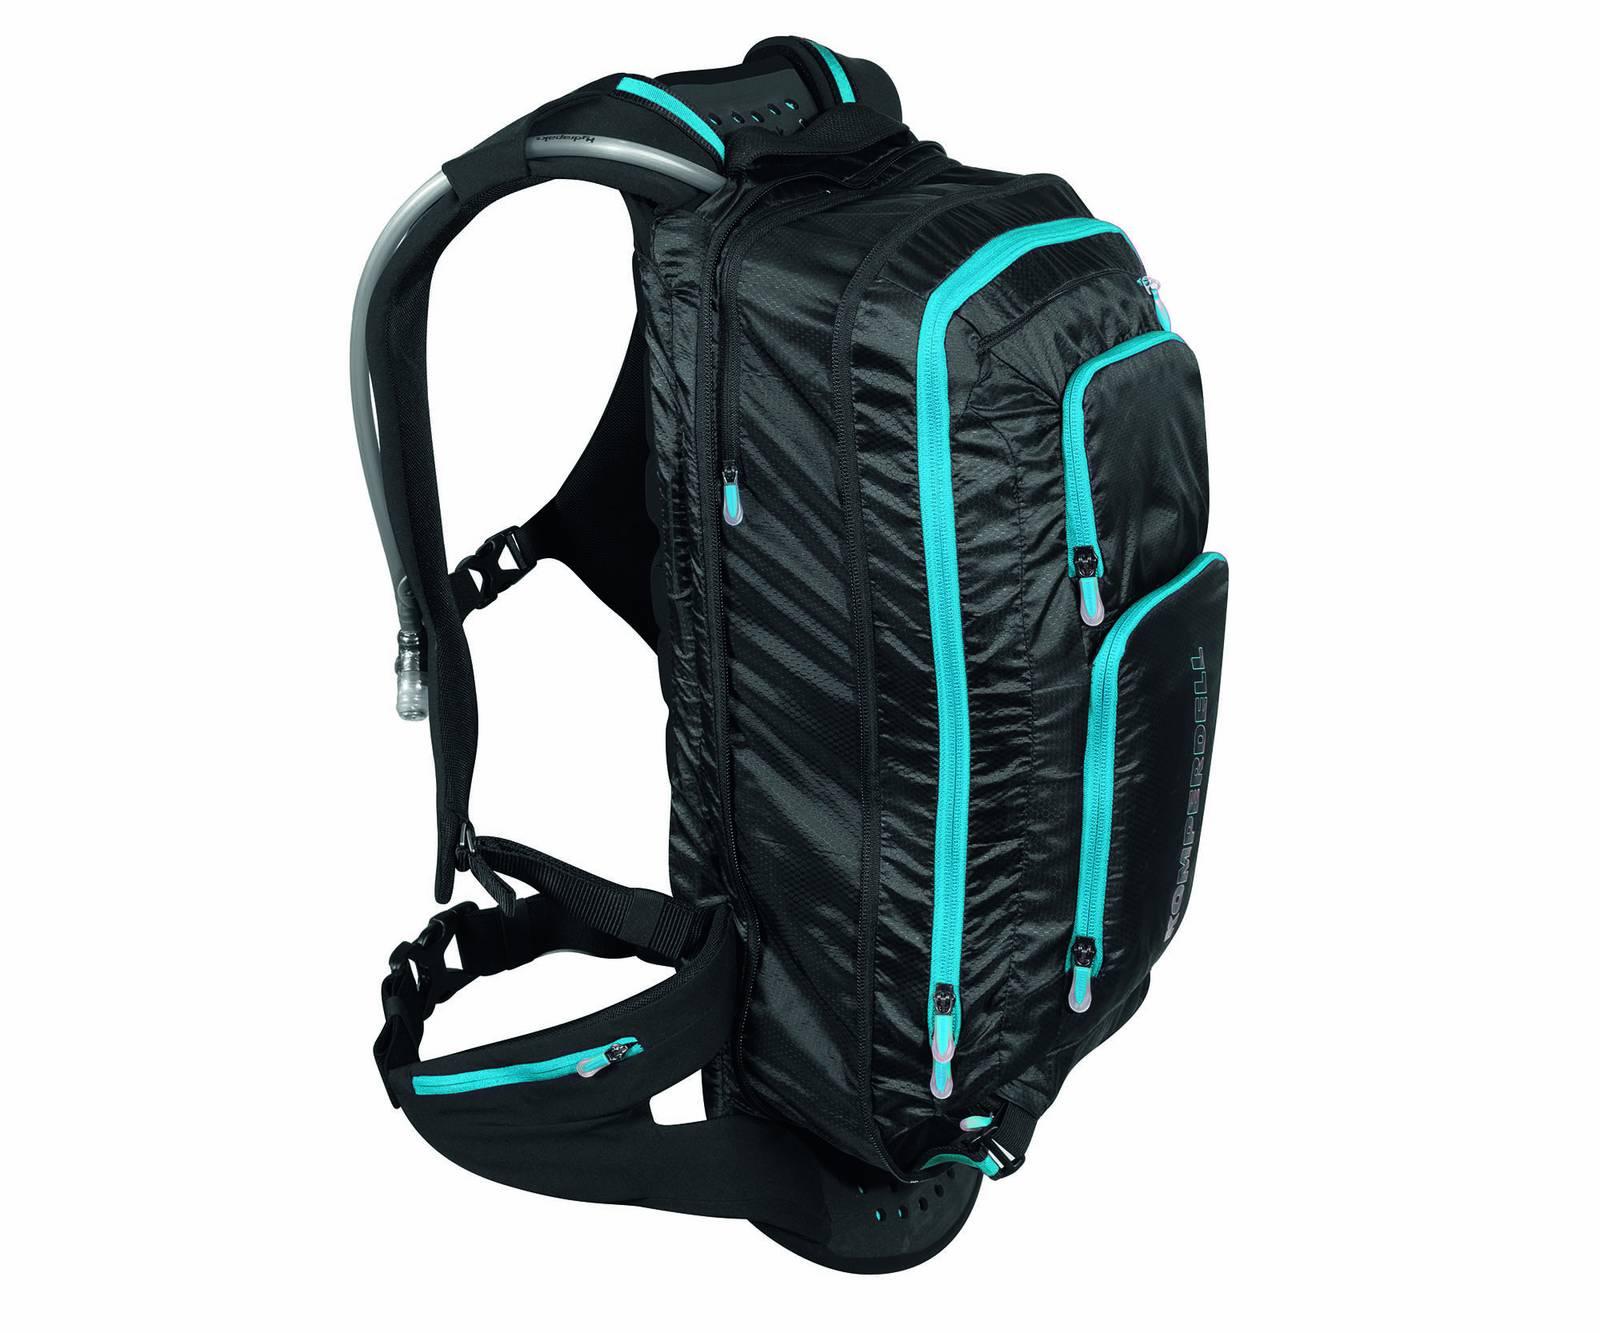 komperdell bike rucksack